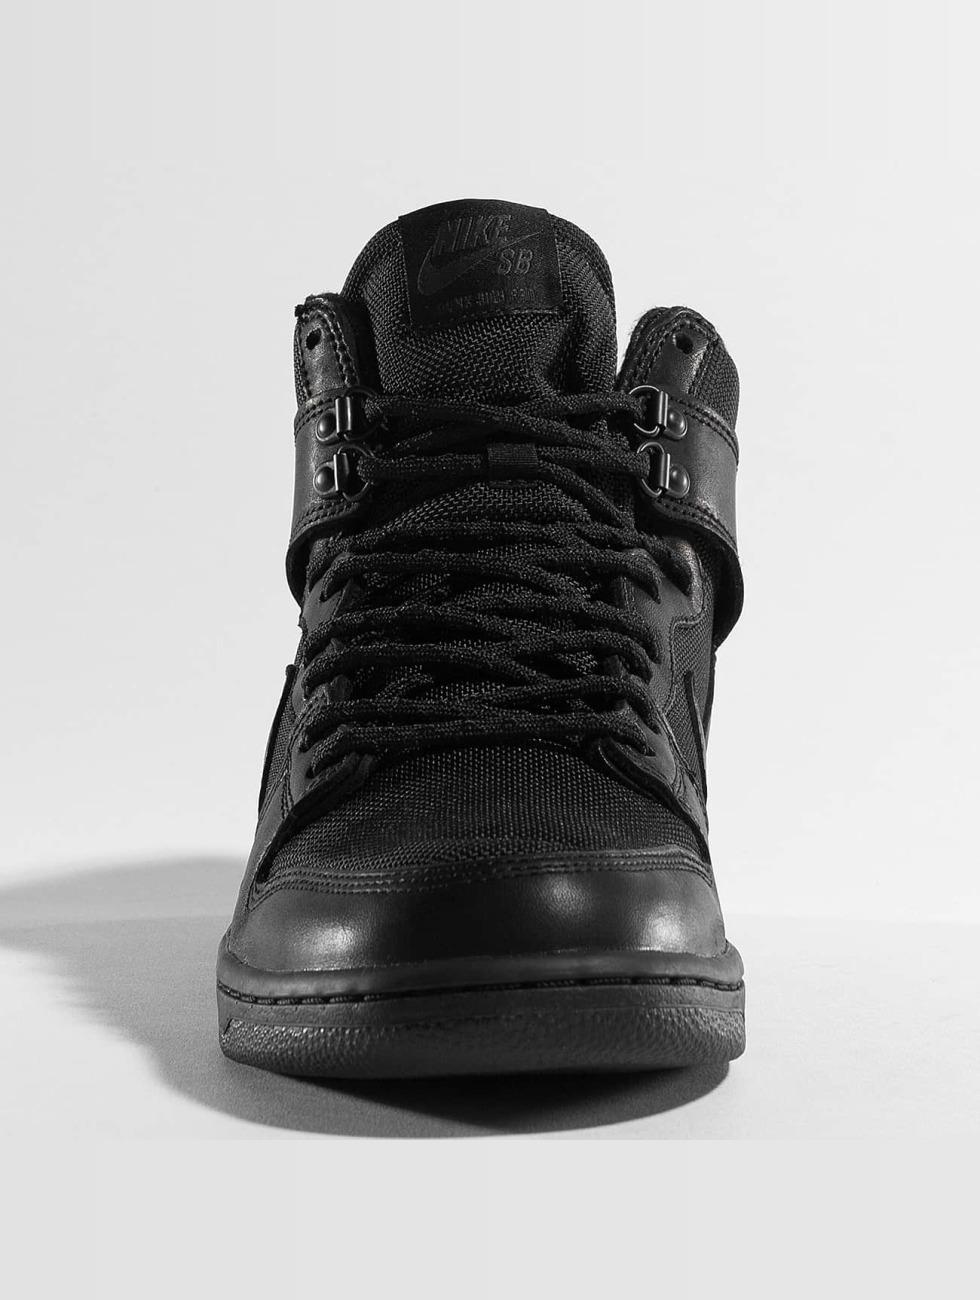 Goedkoopste Goedkope Online Goedkope Online Winkel Manchester Nike schoen / sneaker SB Dunk Hi Pro Bota in zwart 382025 Footaction Te Koop Aaa Kwaliteit I4Zxi